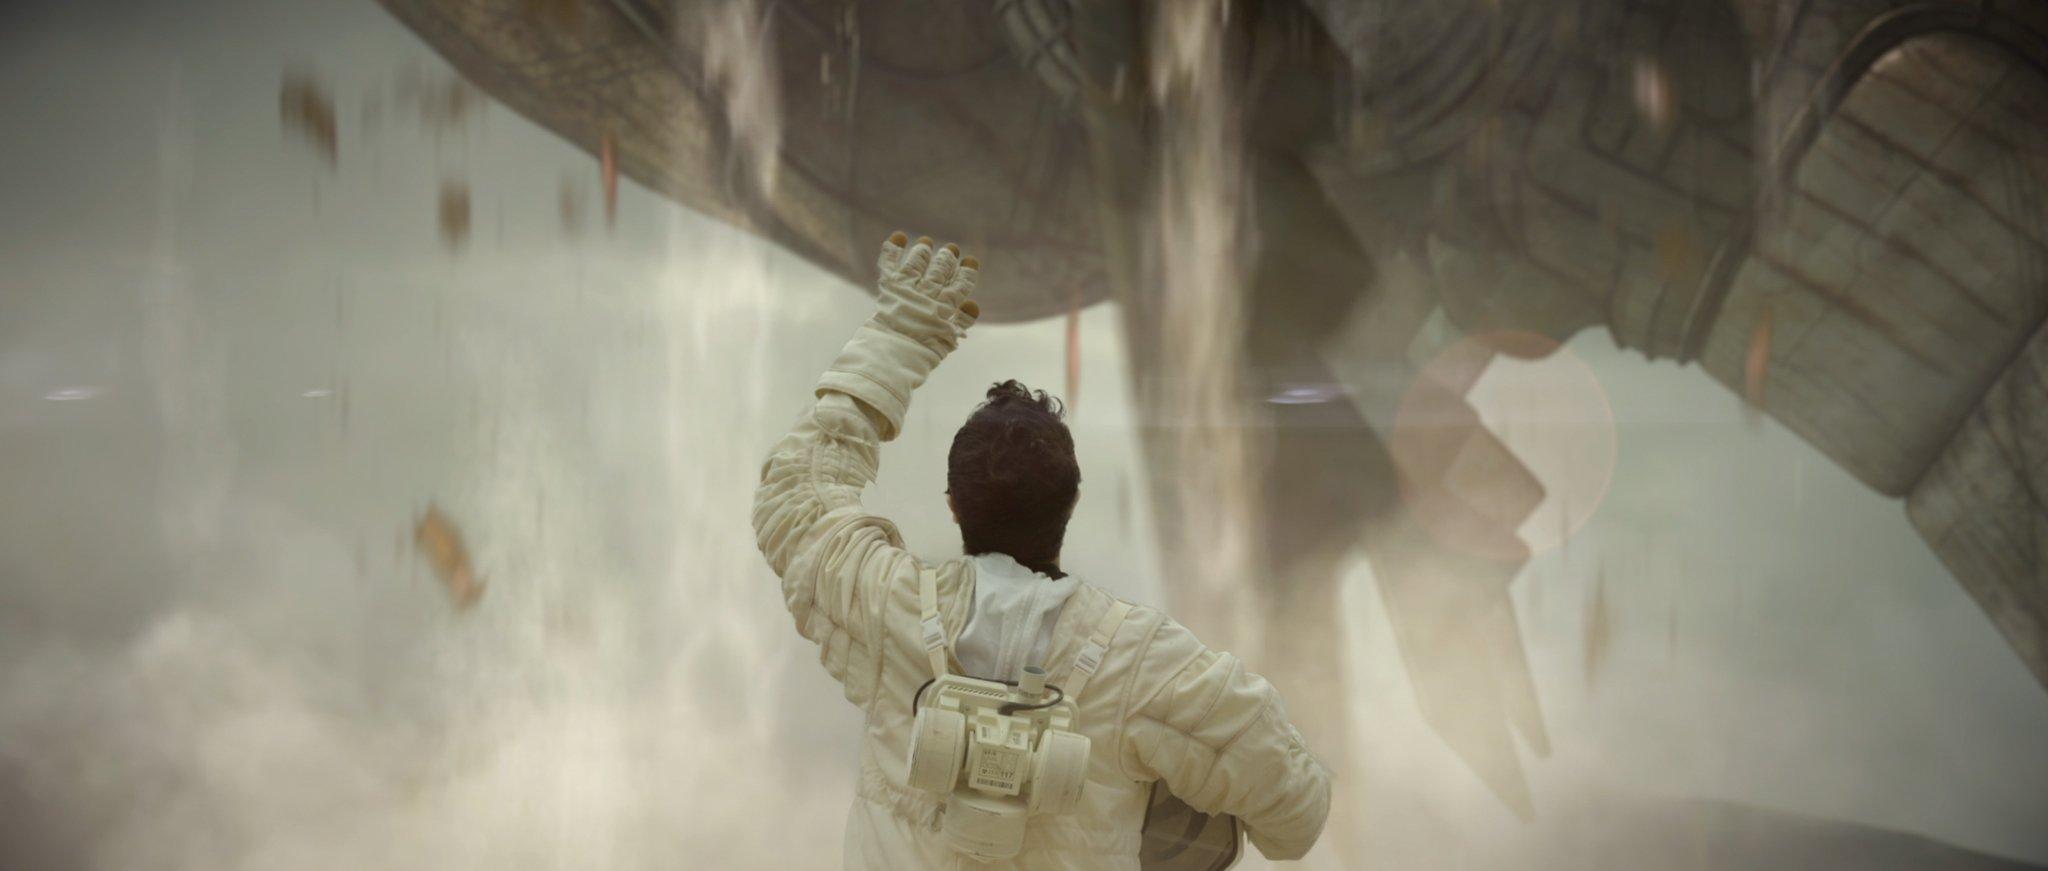 The Narrow World - zdjęcie z filmu